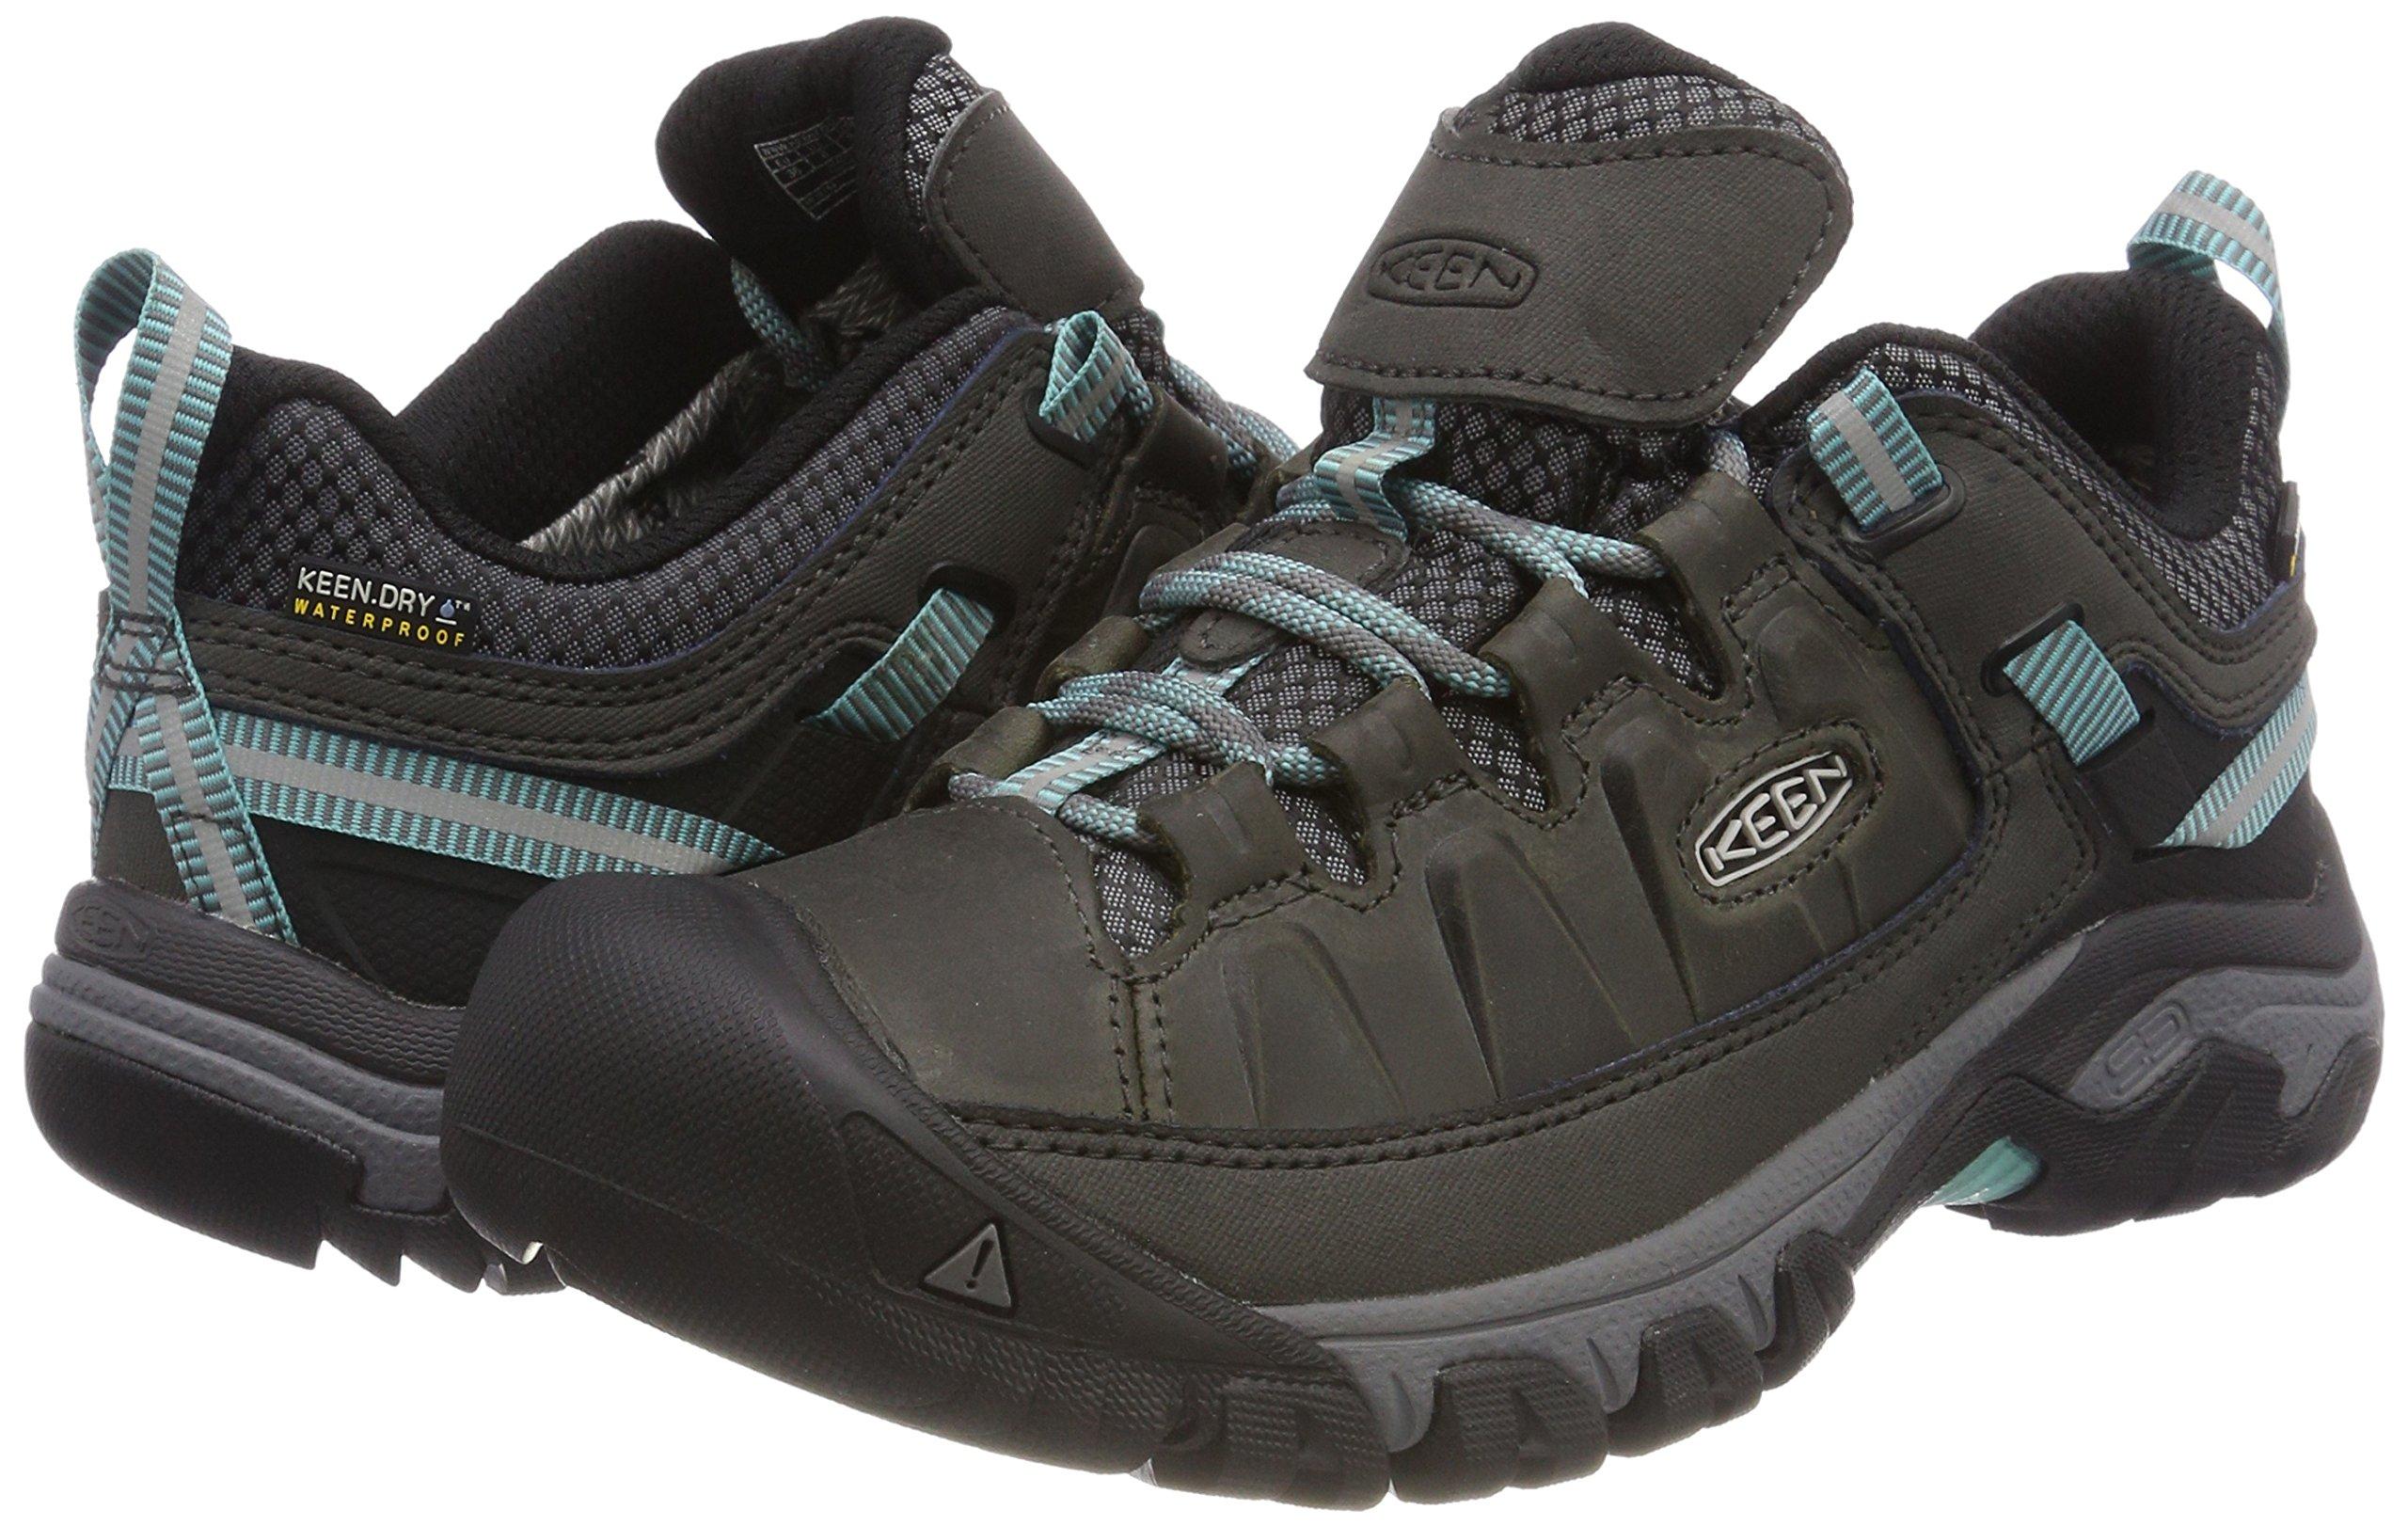 91RiZg9EYiL - KEEN Women's Targhee Iii Wp Low Rise Hiking Shoes, 9